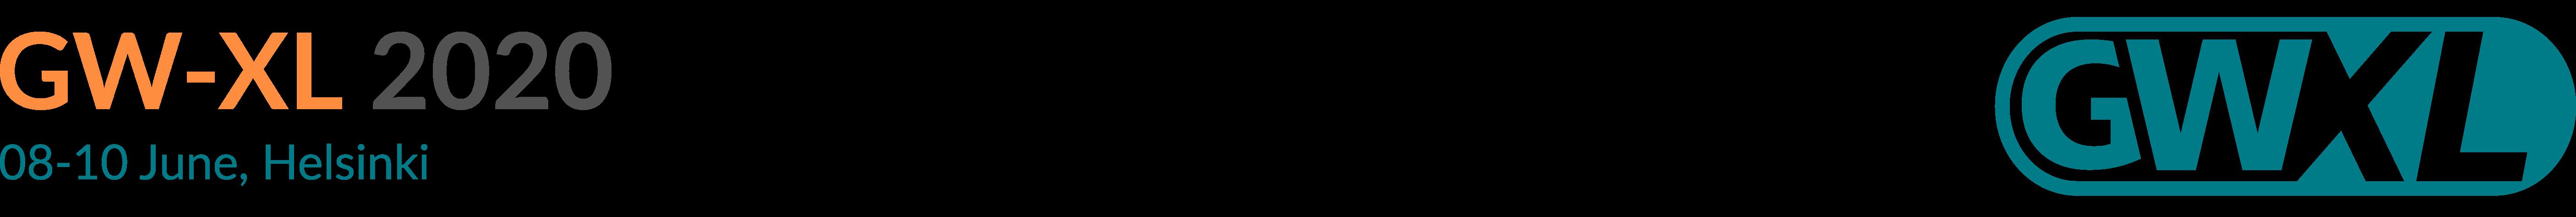 GW-XL